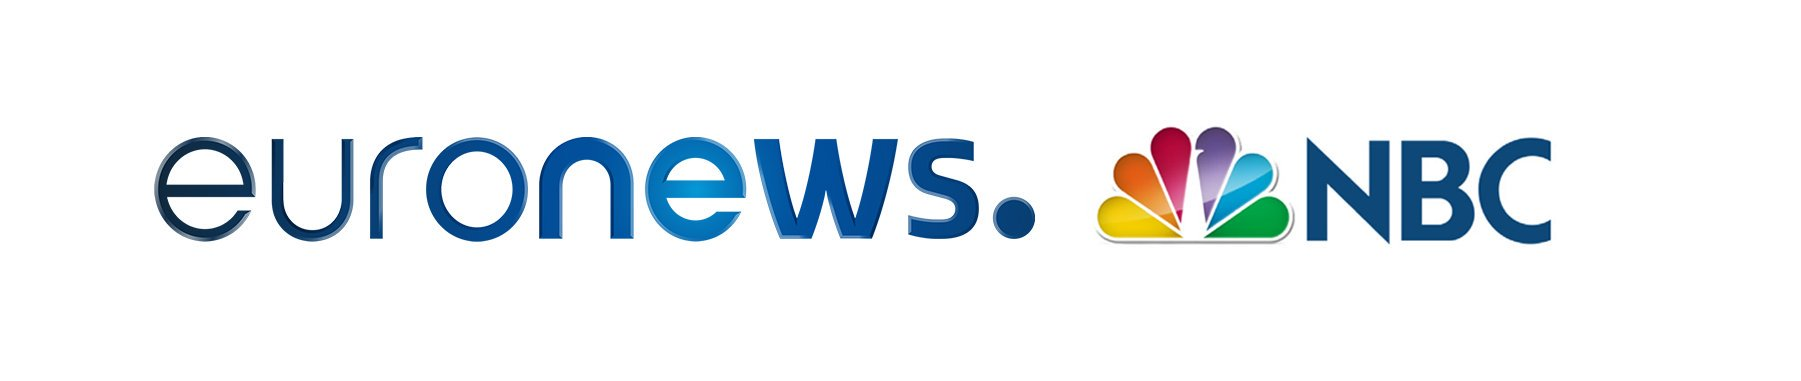 EuronewsNBC